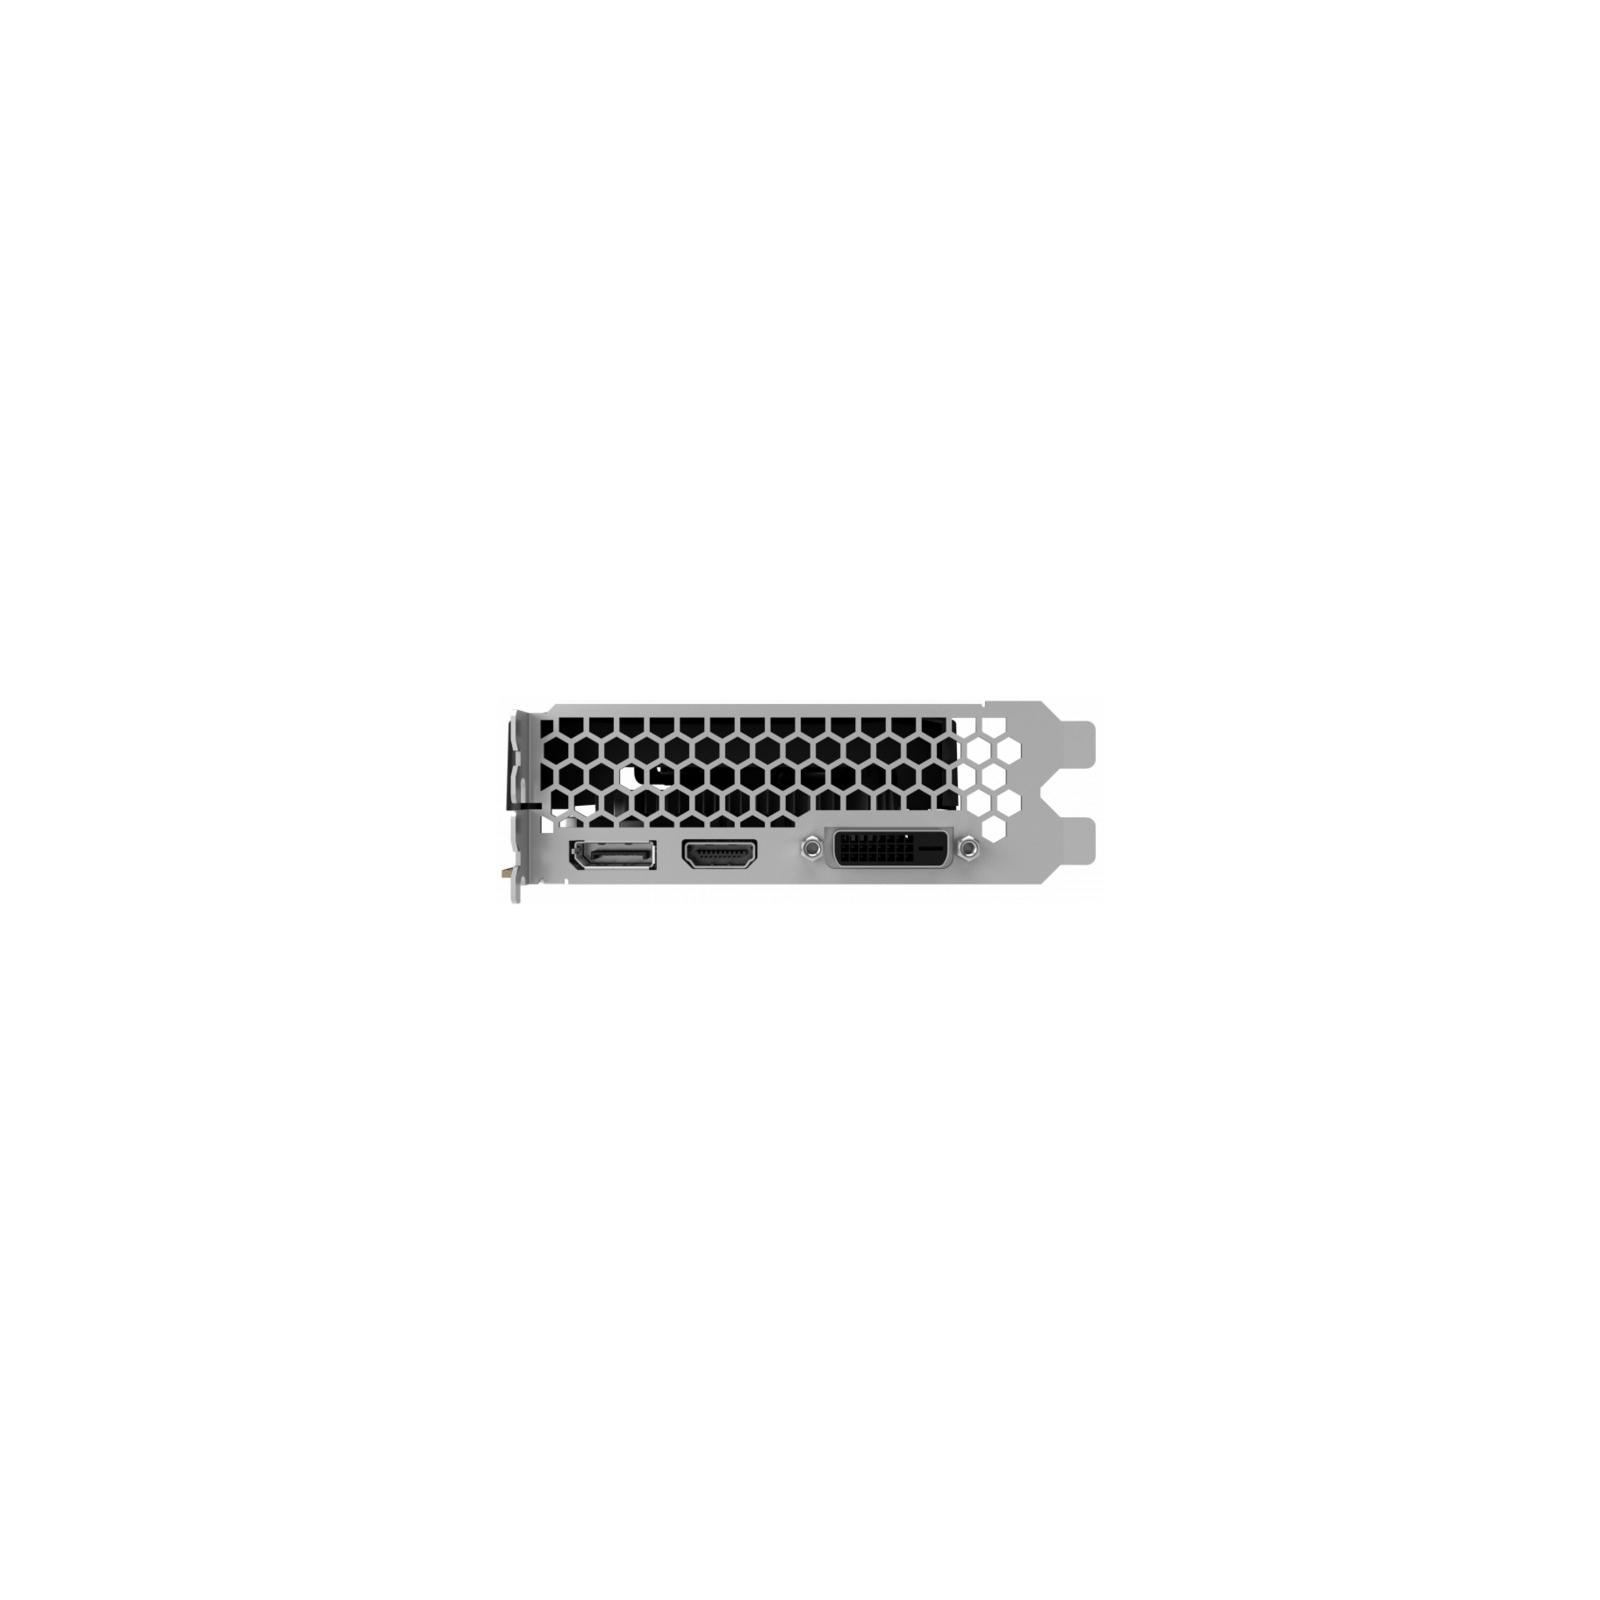 Відеокарта PALIT GeForce GTX1050 Ti 4096Mb StormX (NE5105T018G1-1070F) зображення 5